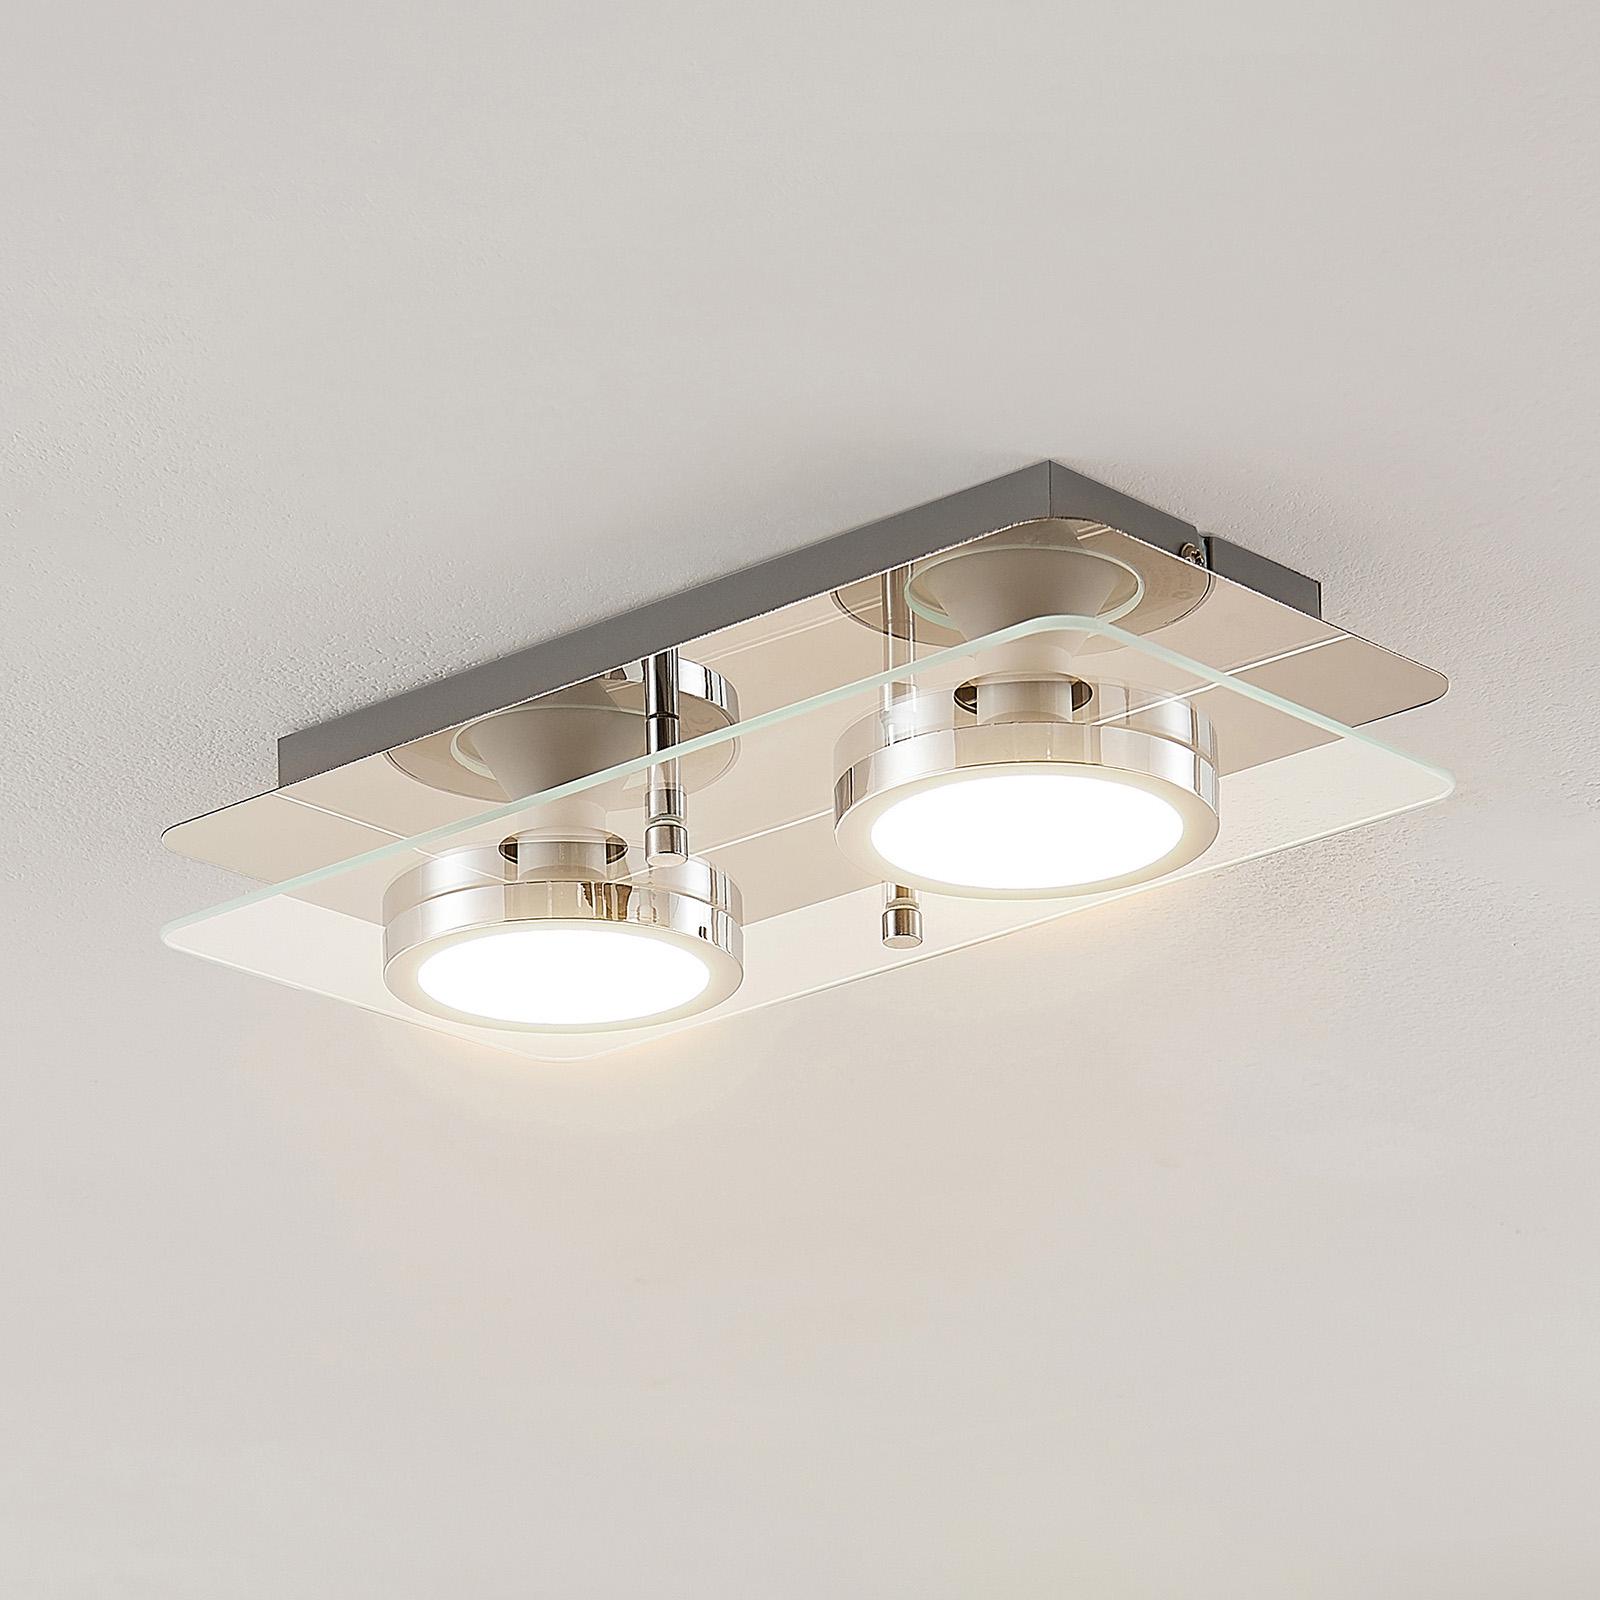 Lindby Gabryl LED-Deckenleuchte, zweiflammig